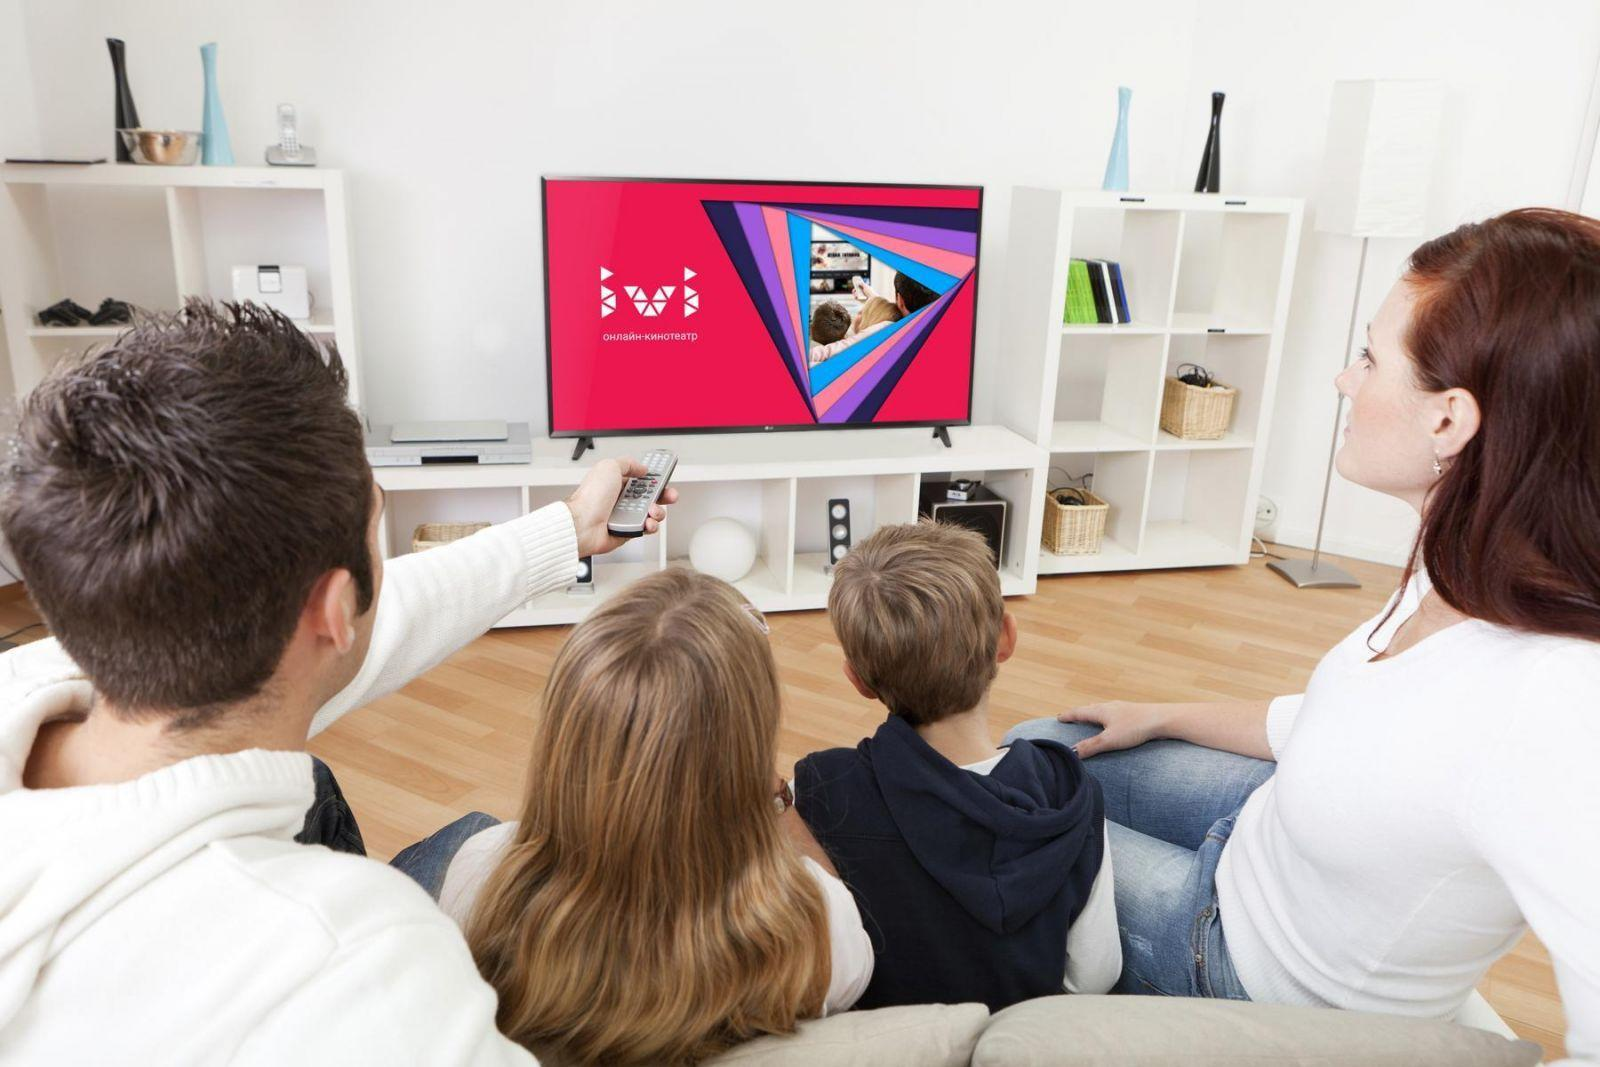 ivi lg - Телевизоры LG с кнопкой ivi уже в продаже